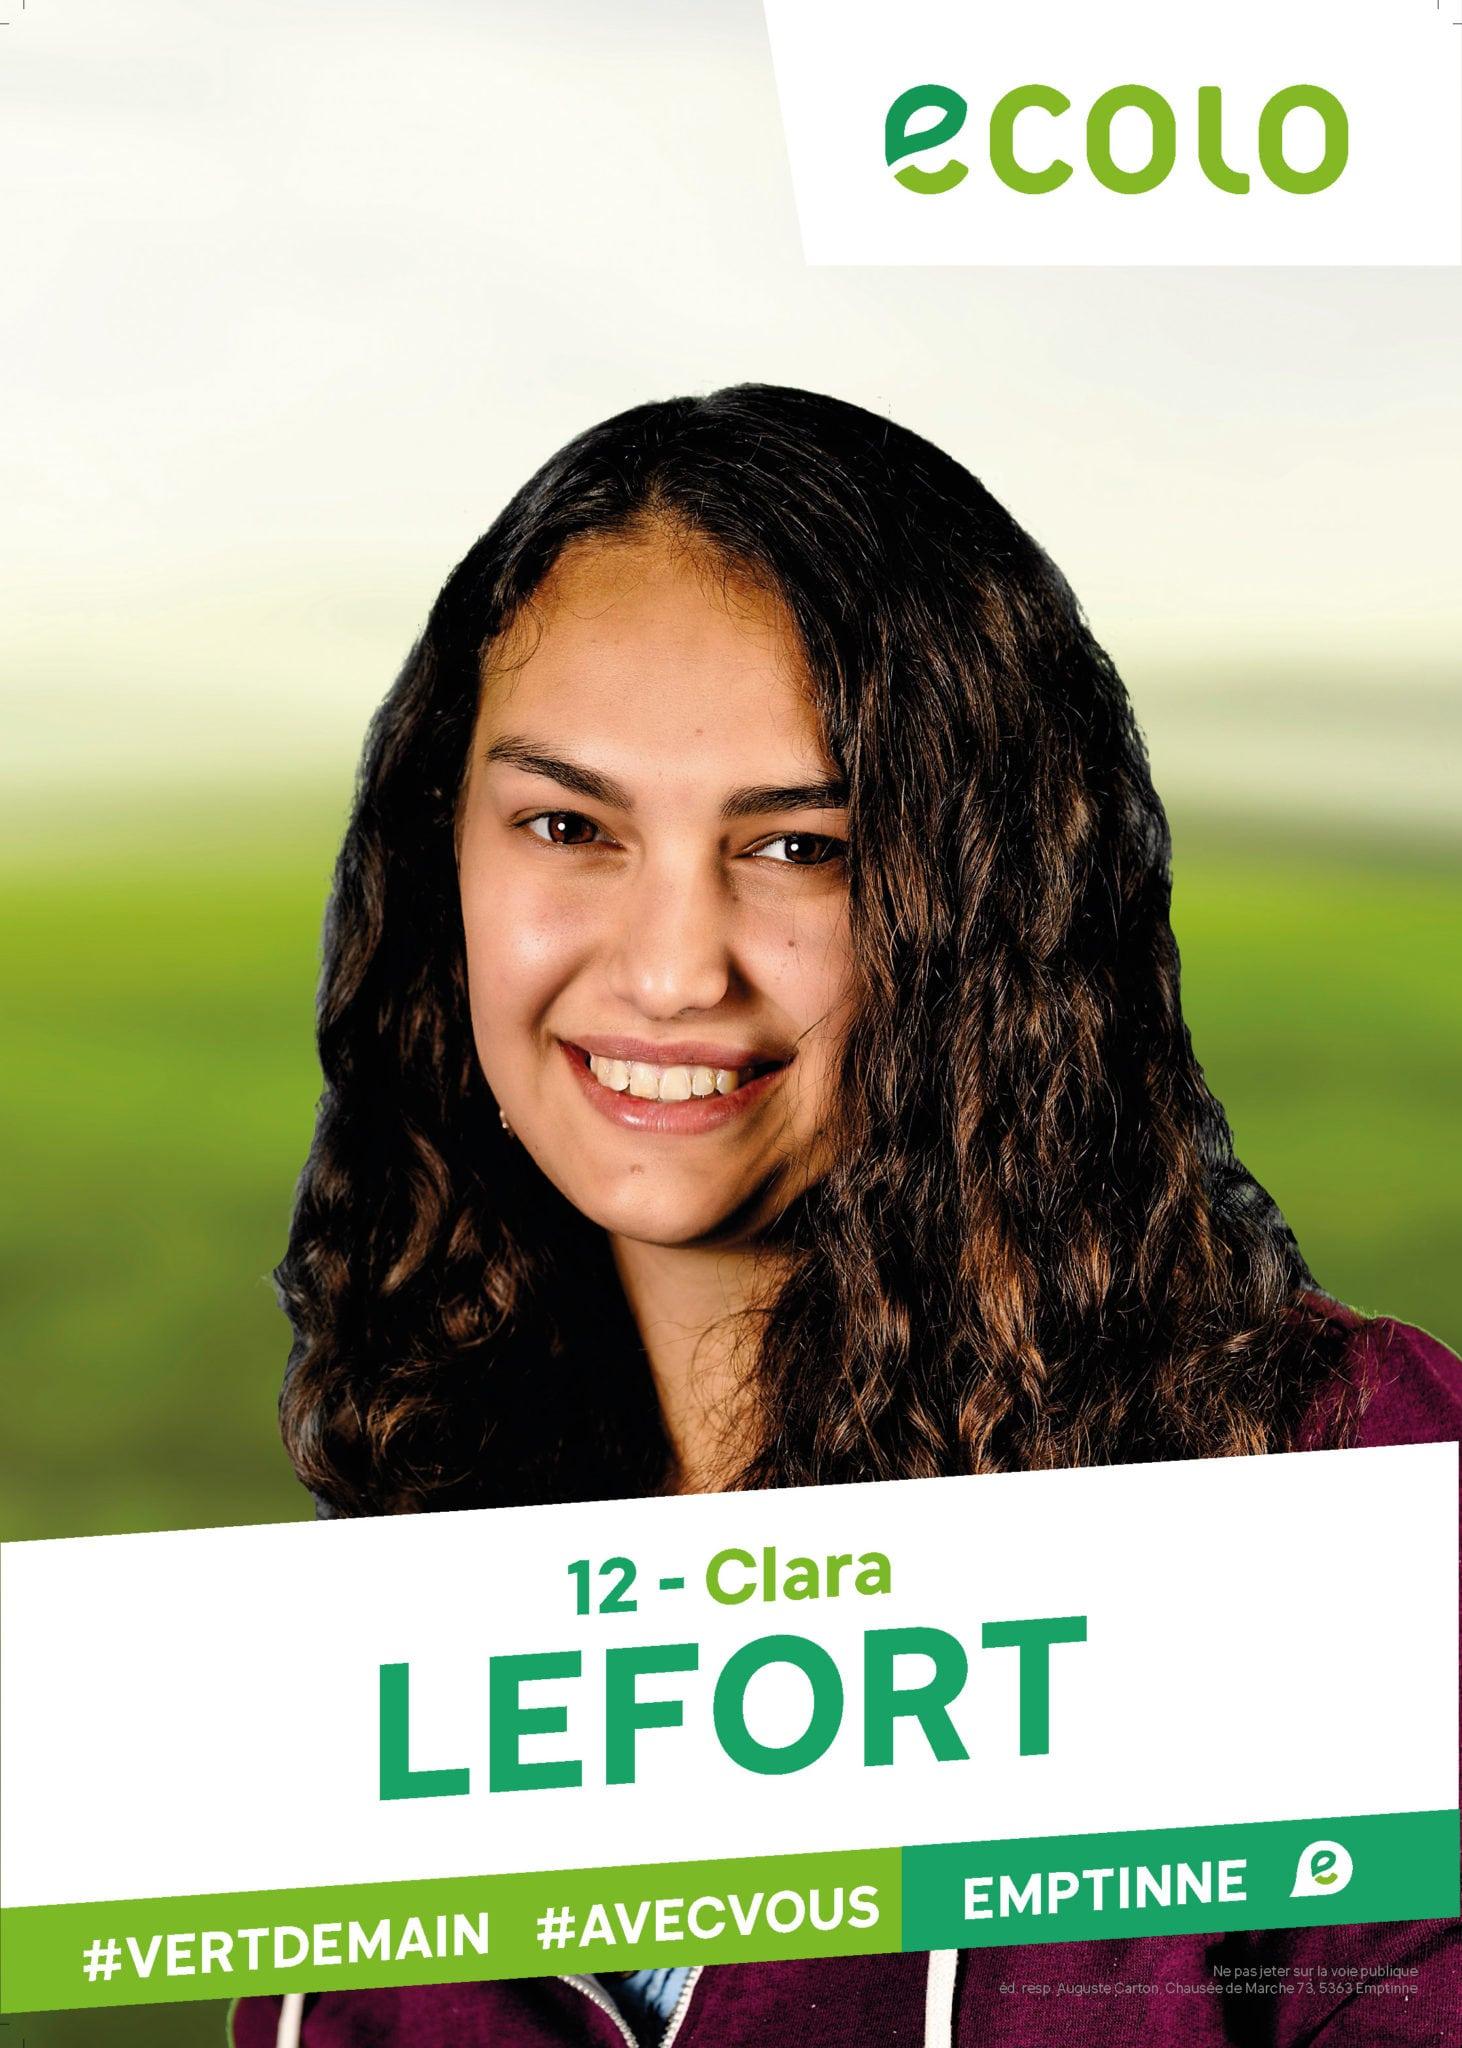 12 - Clara LEFORT